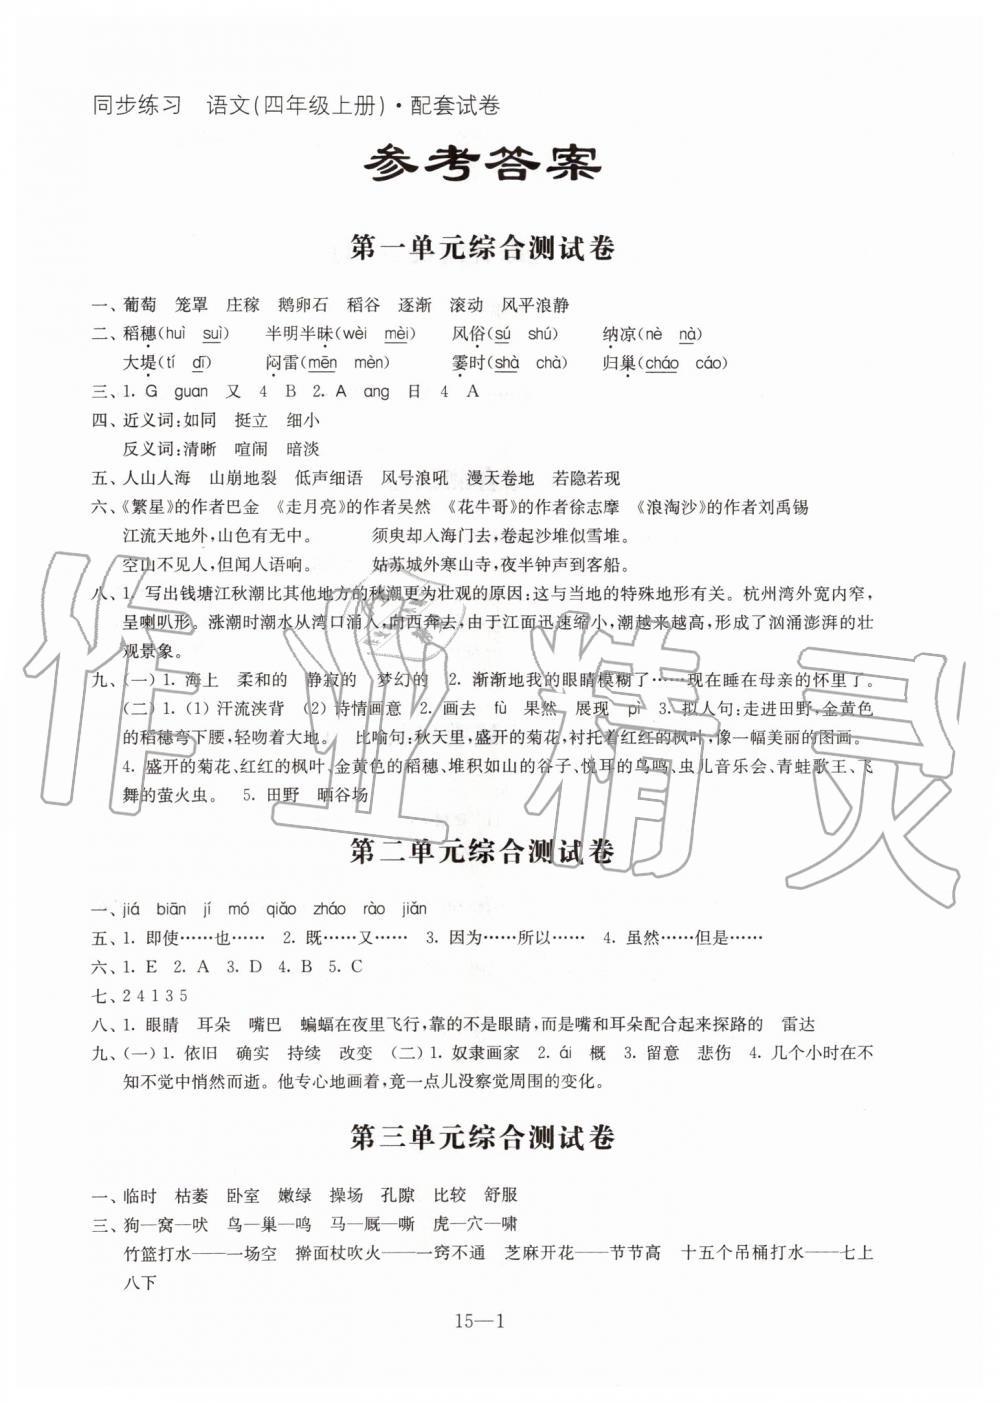 2019人教版四年级上册语文同步练习配套试卷答案